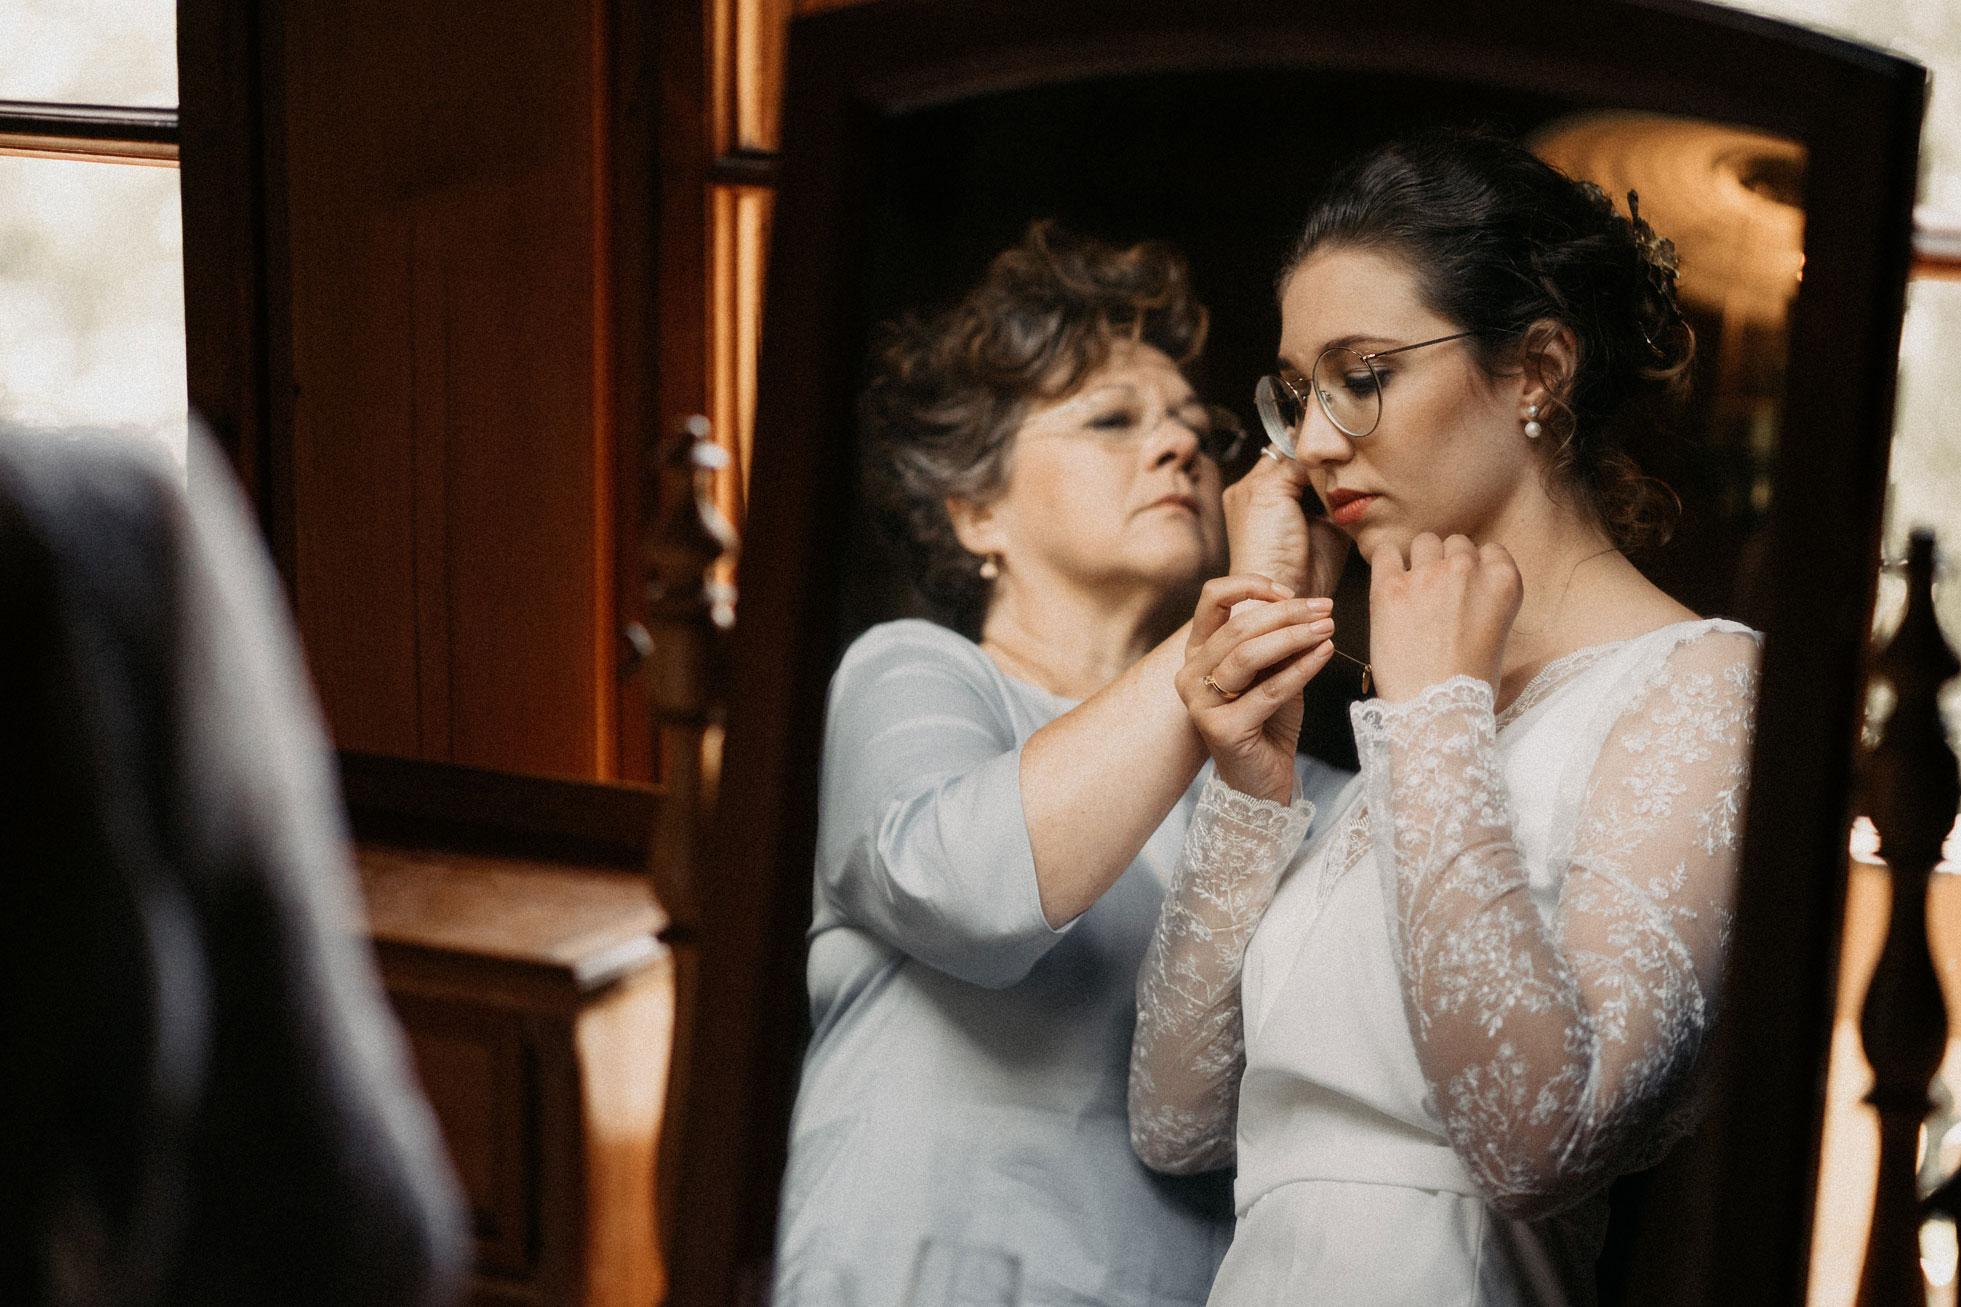 Hochzeit_Claire_Manuel_Villa_Maund_Daniel_Jenny-104.jpg